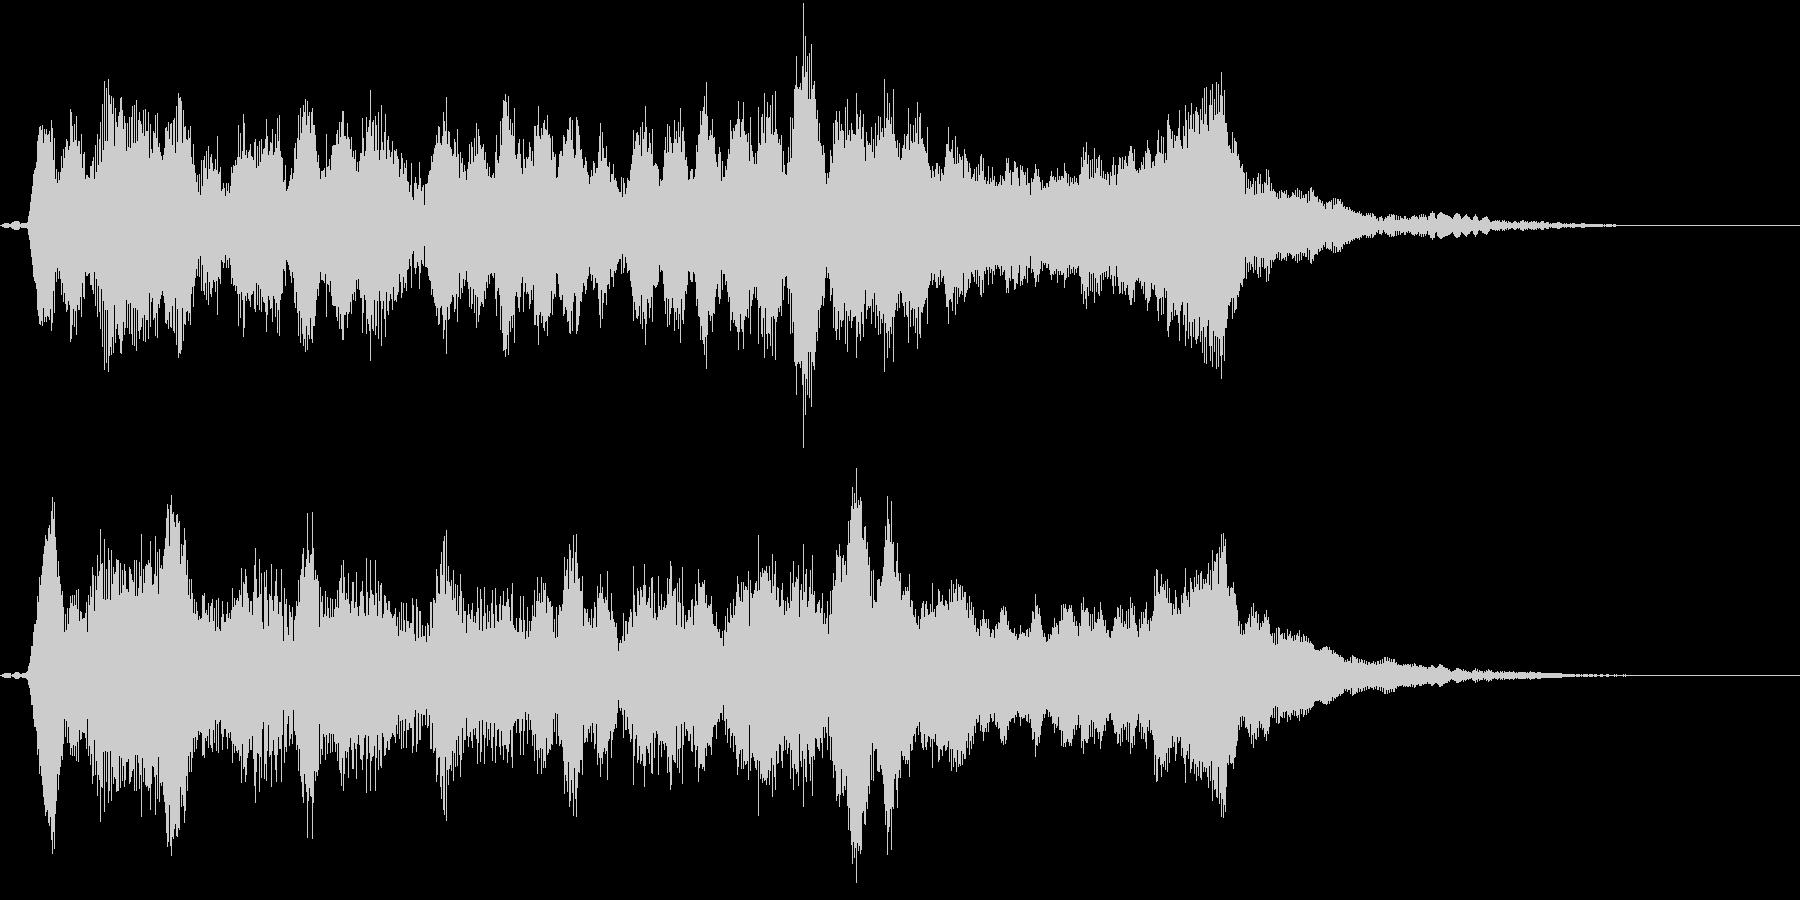 リアル弦楽四重奏の美しい重なりが印象的の未再生の波形